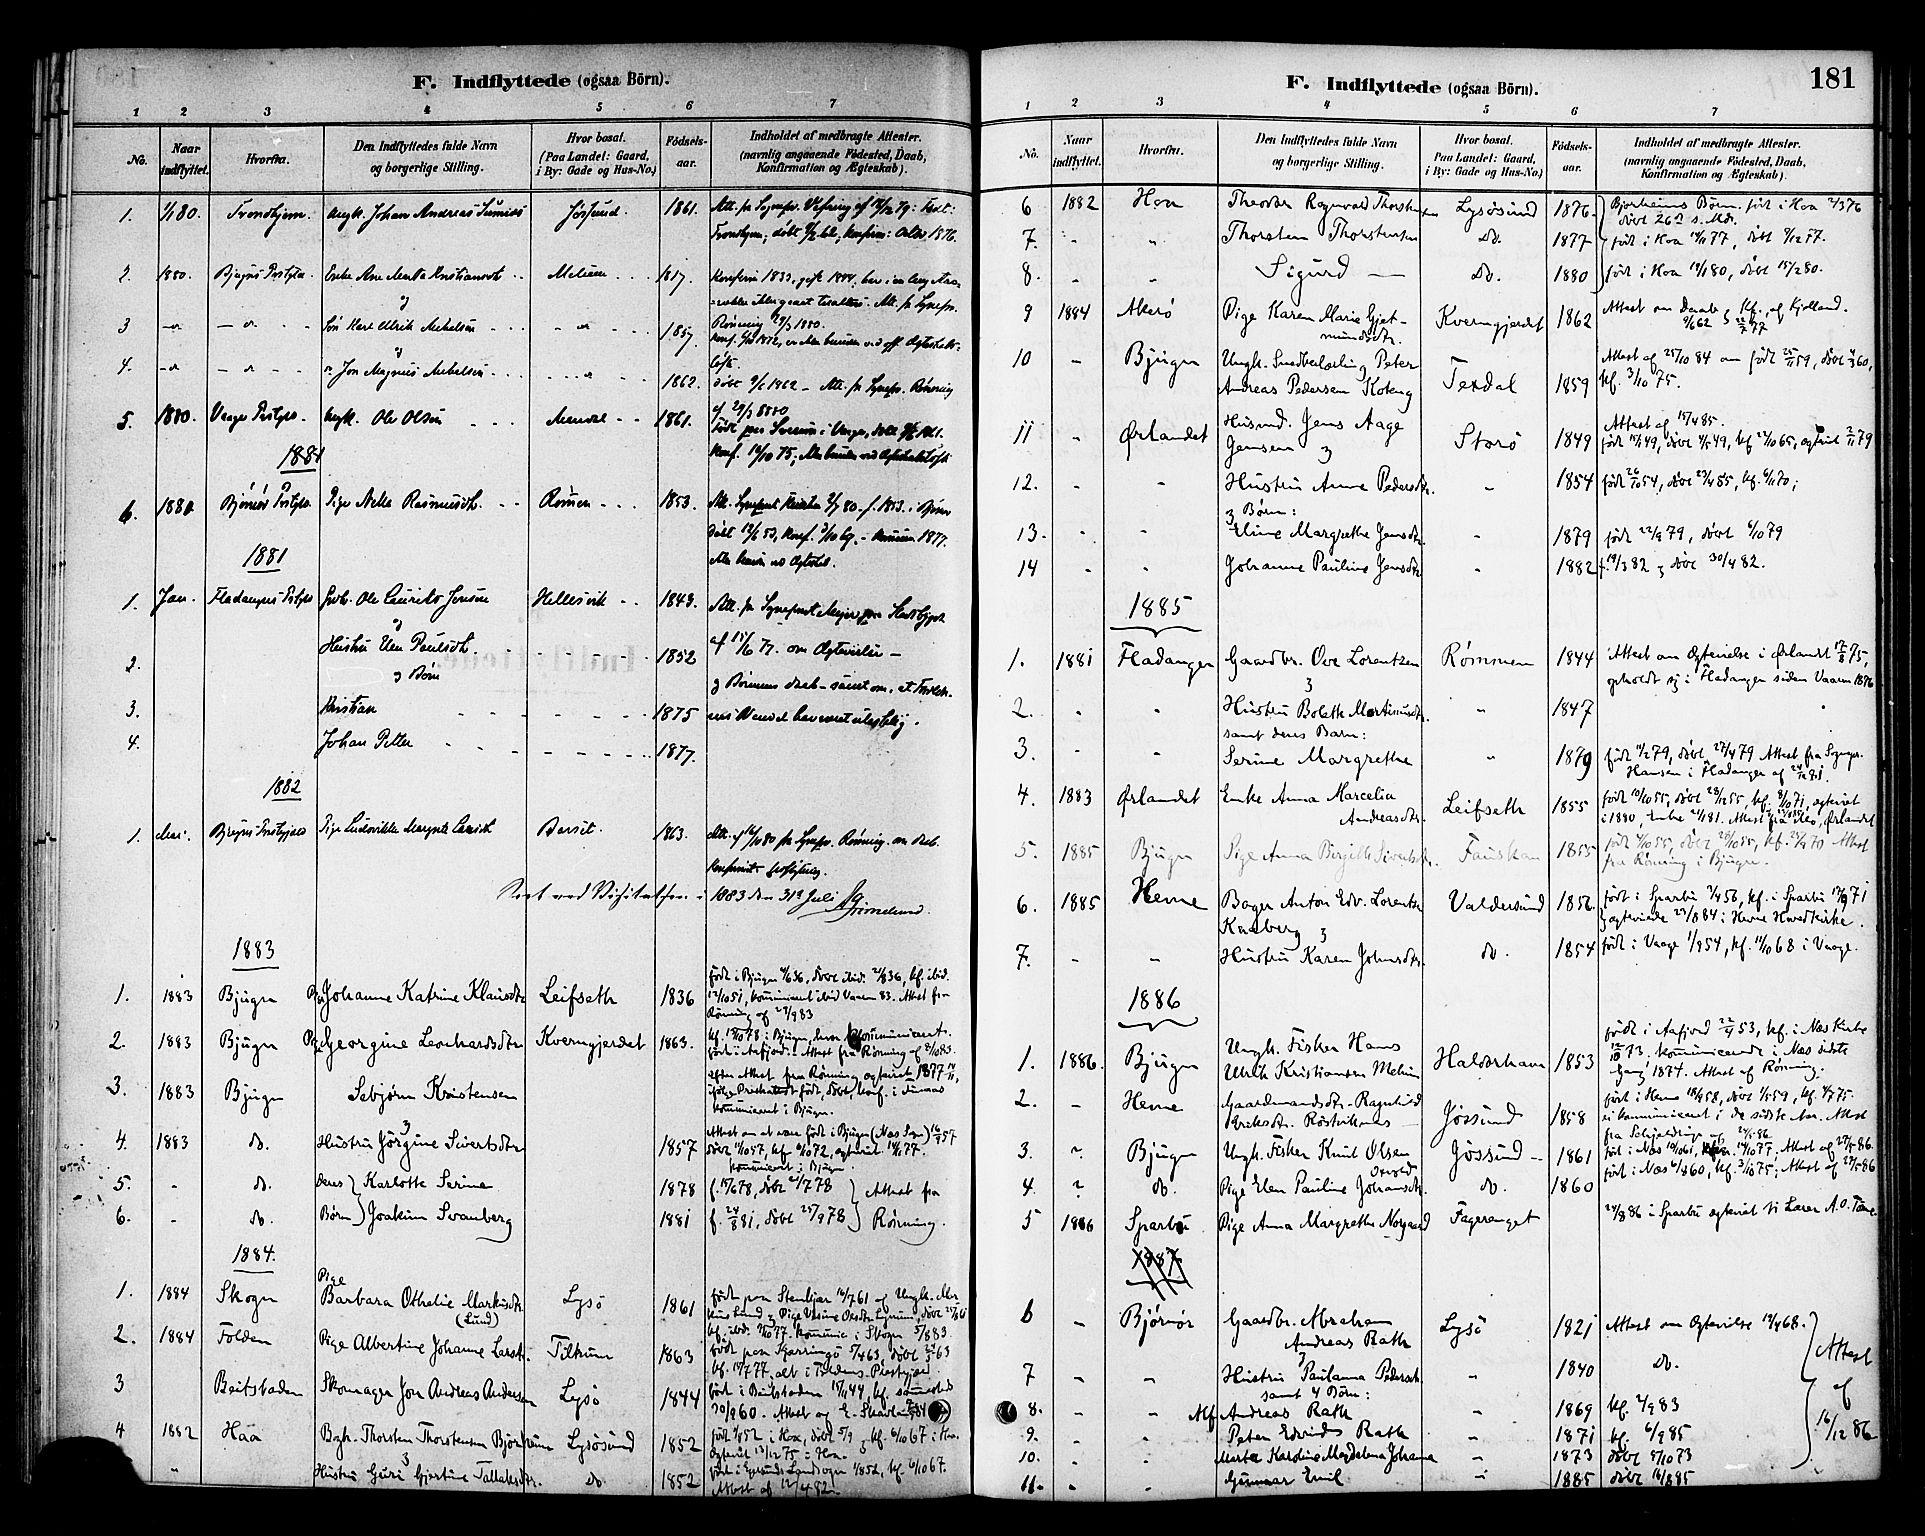 SAT, Ministerialprotokoller, klokkerbøker og fødselsregistre - Sør-Trøndelag, 654/L0663: Ministerialbok nr. 654A01, 1880-1894, s. 181